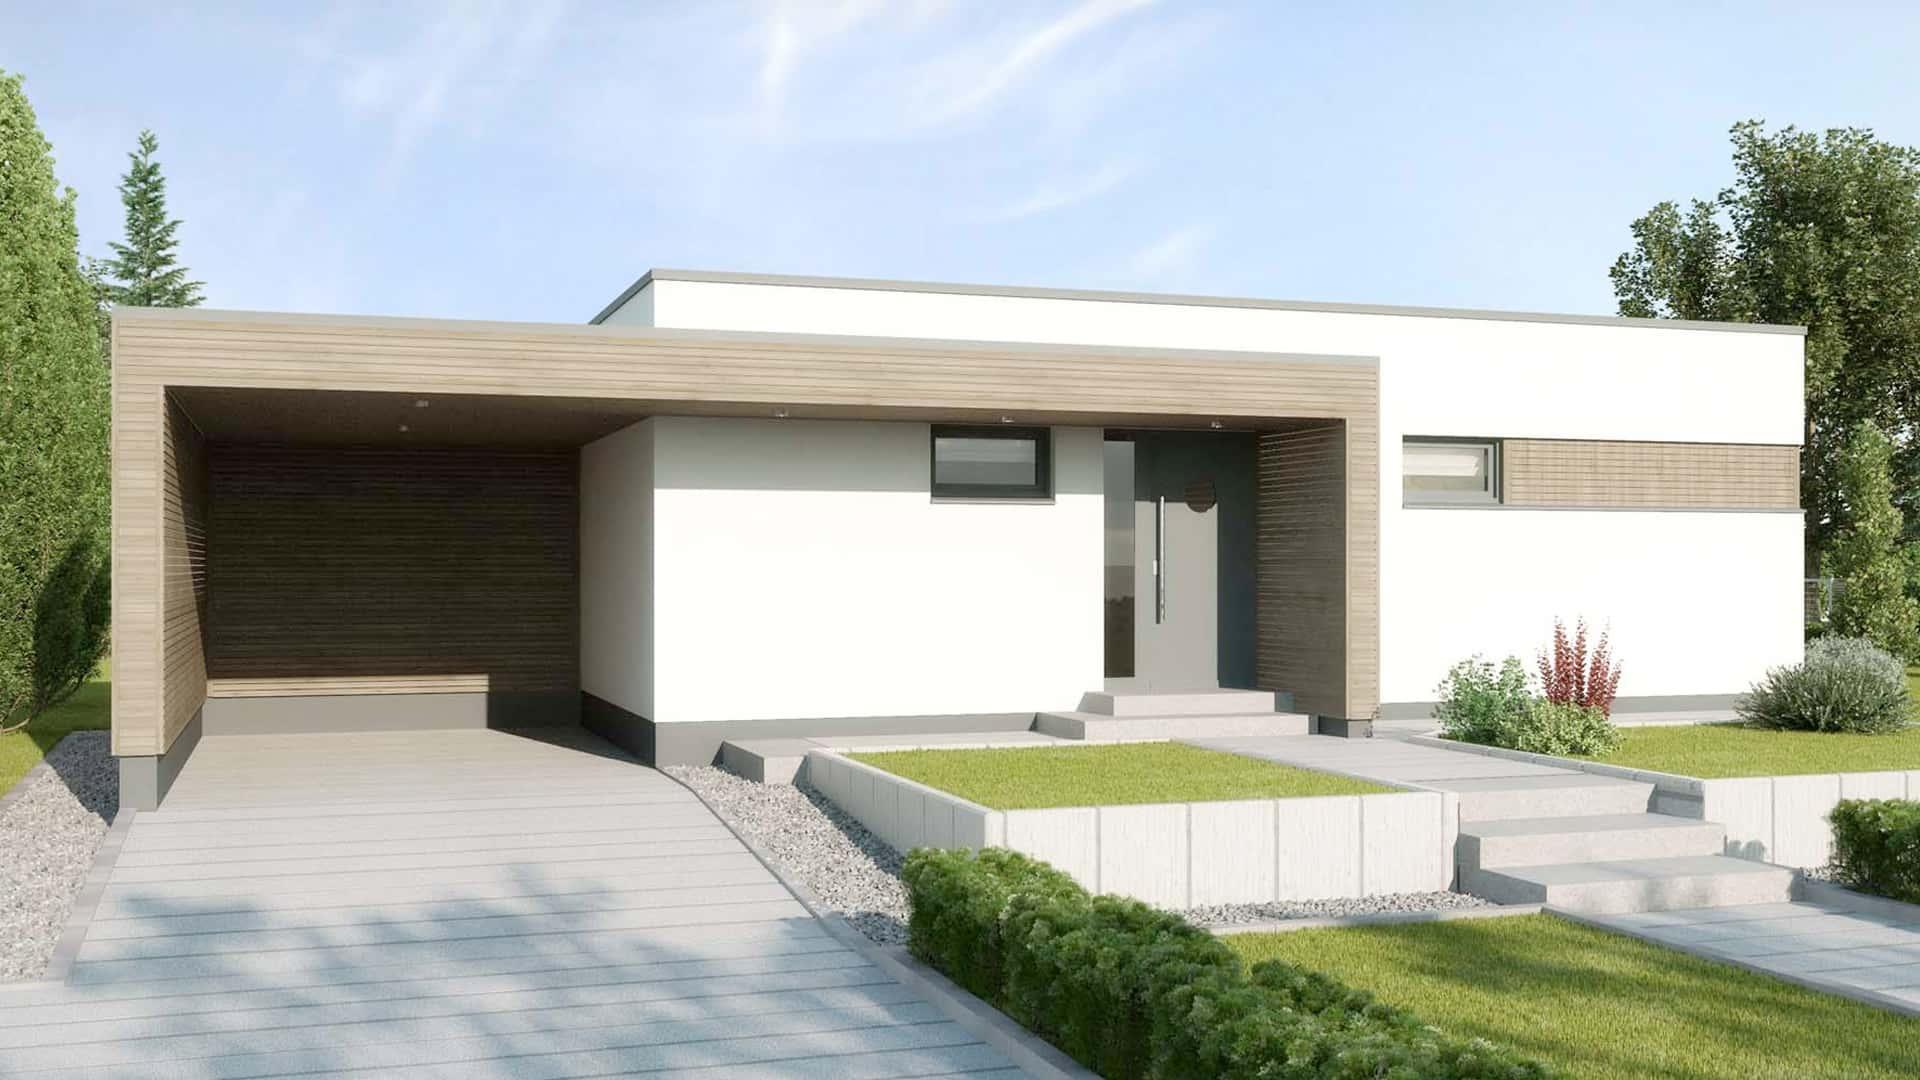 Fabulous Bungalow bauen – alle Infos zu Preisen, Häusern und Anbietern TS77